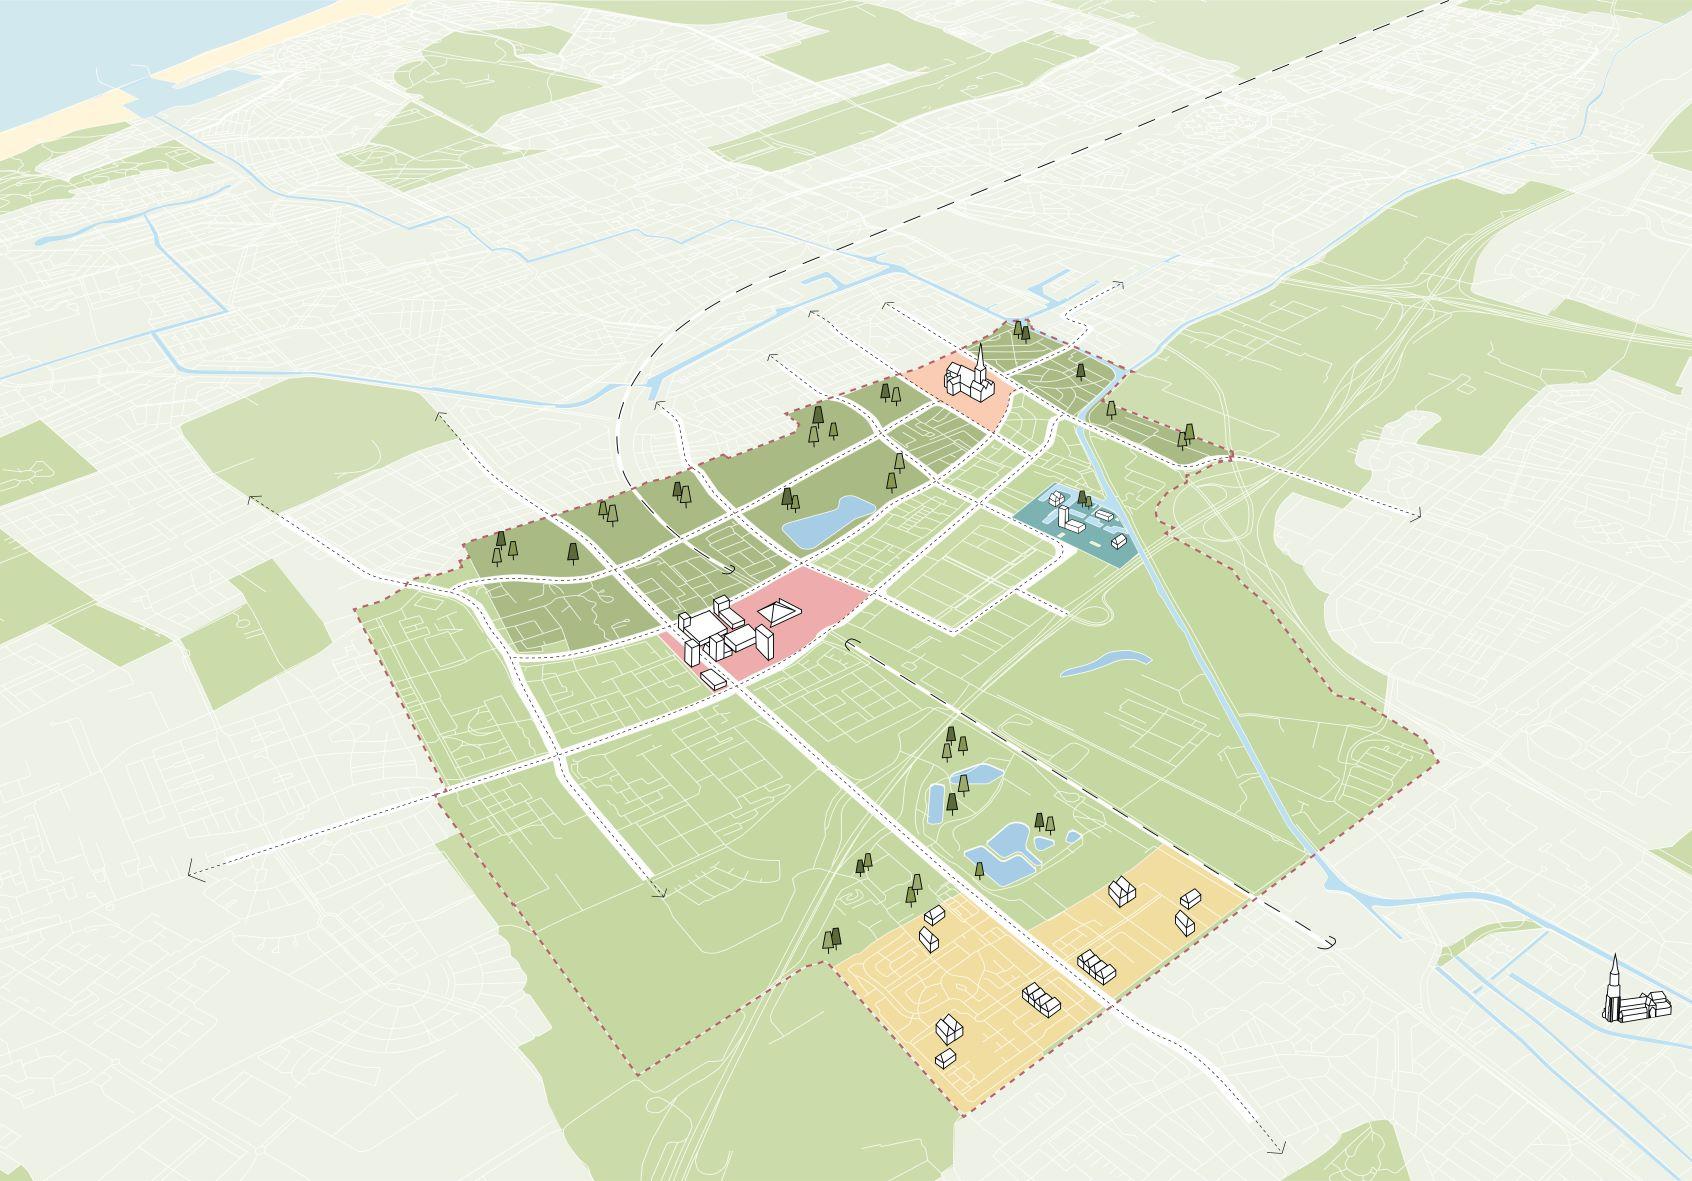 <p>Het Havenkwartier vormt samen met Oud Rijswijk, In de Bogaard en RijswijkBuiten een verdichting binnen de weelderig groene sfeer van Rijswijk (beeld: studio Hartzema B.V.)</p>